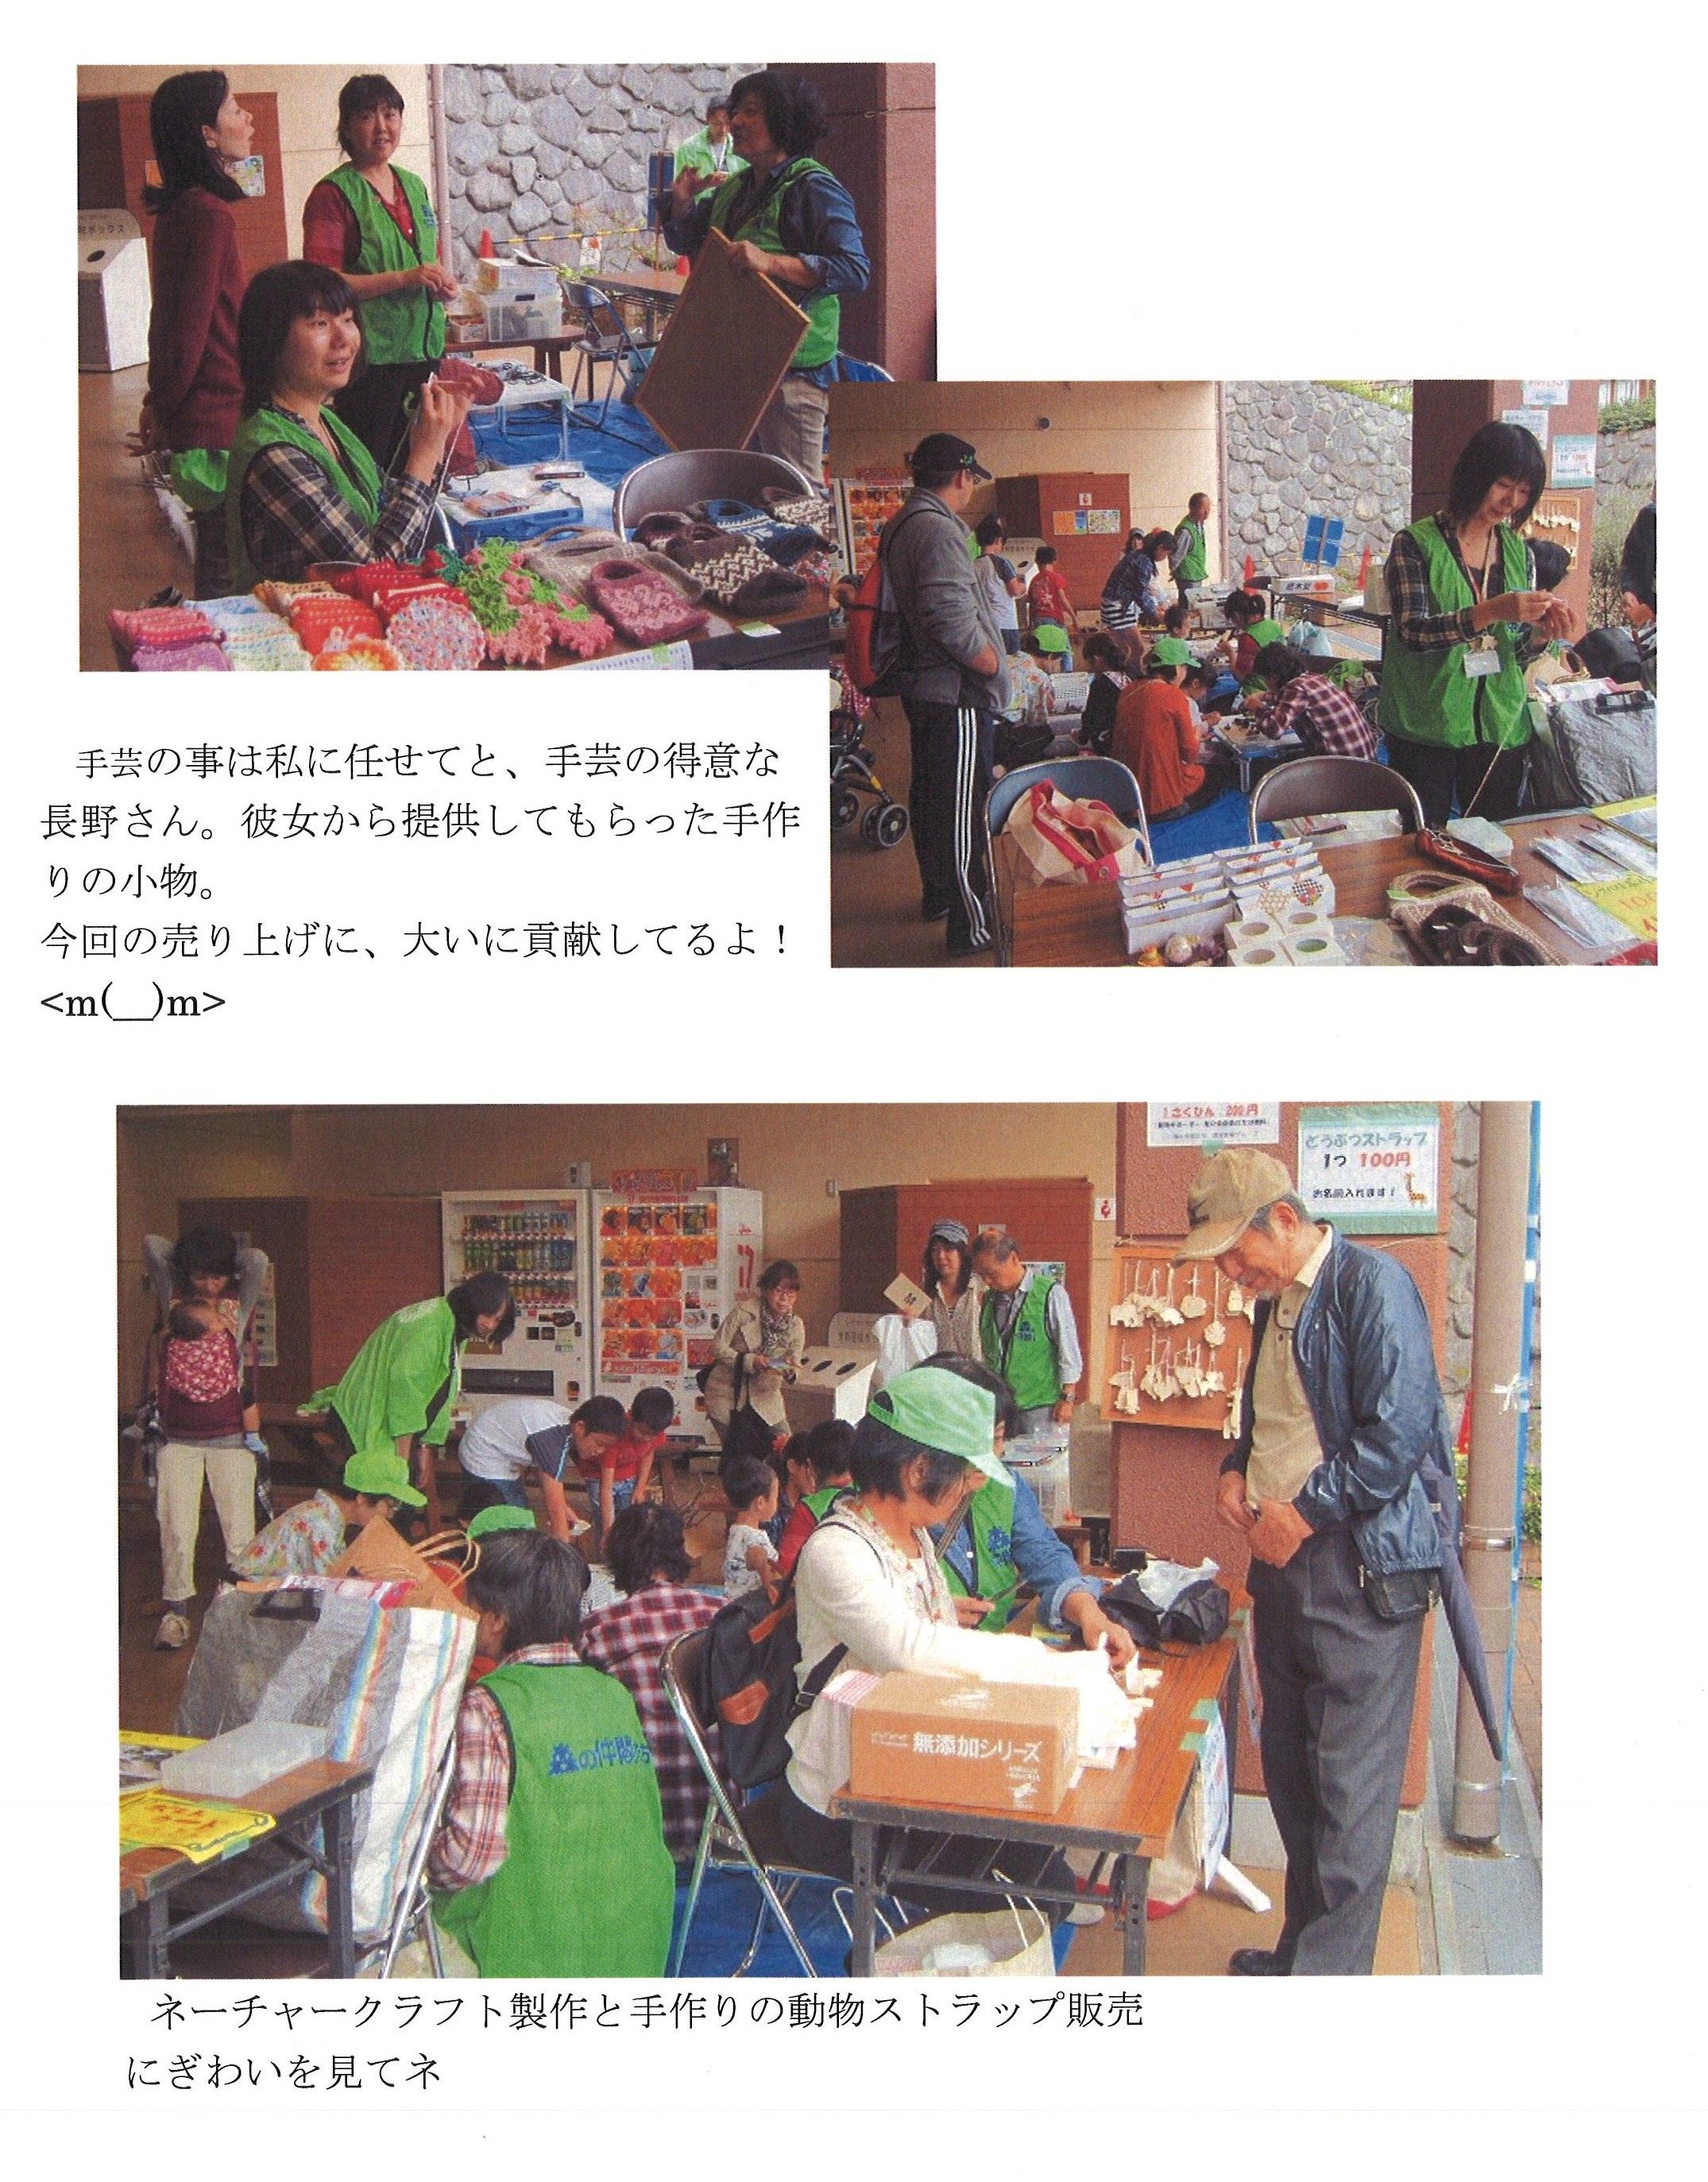 20141025_森の仲間たち_3.jpg